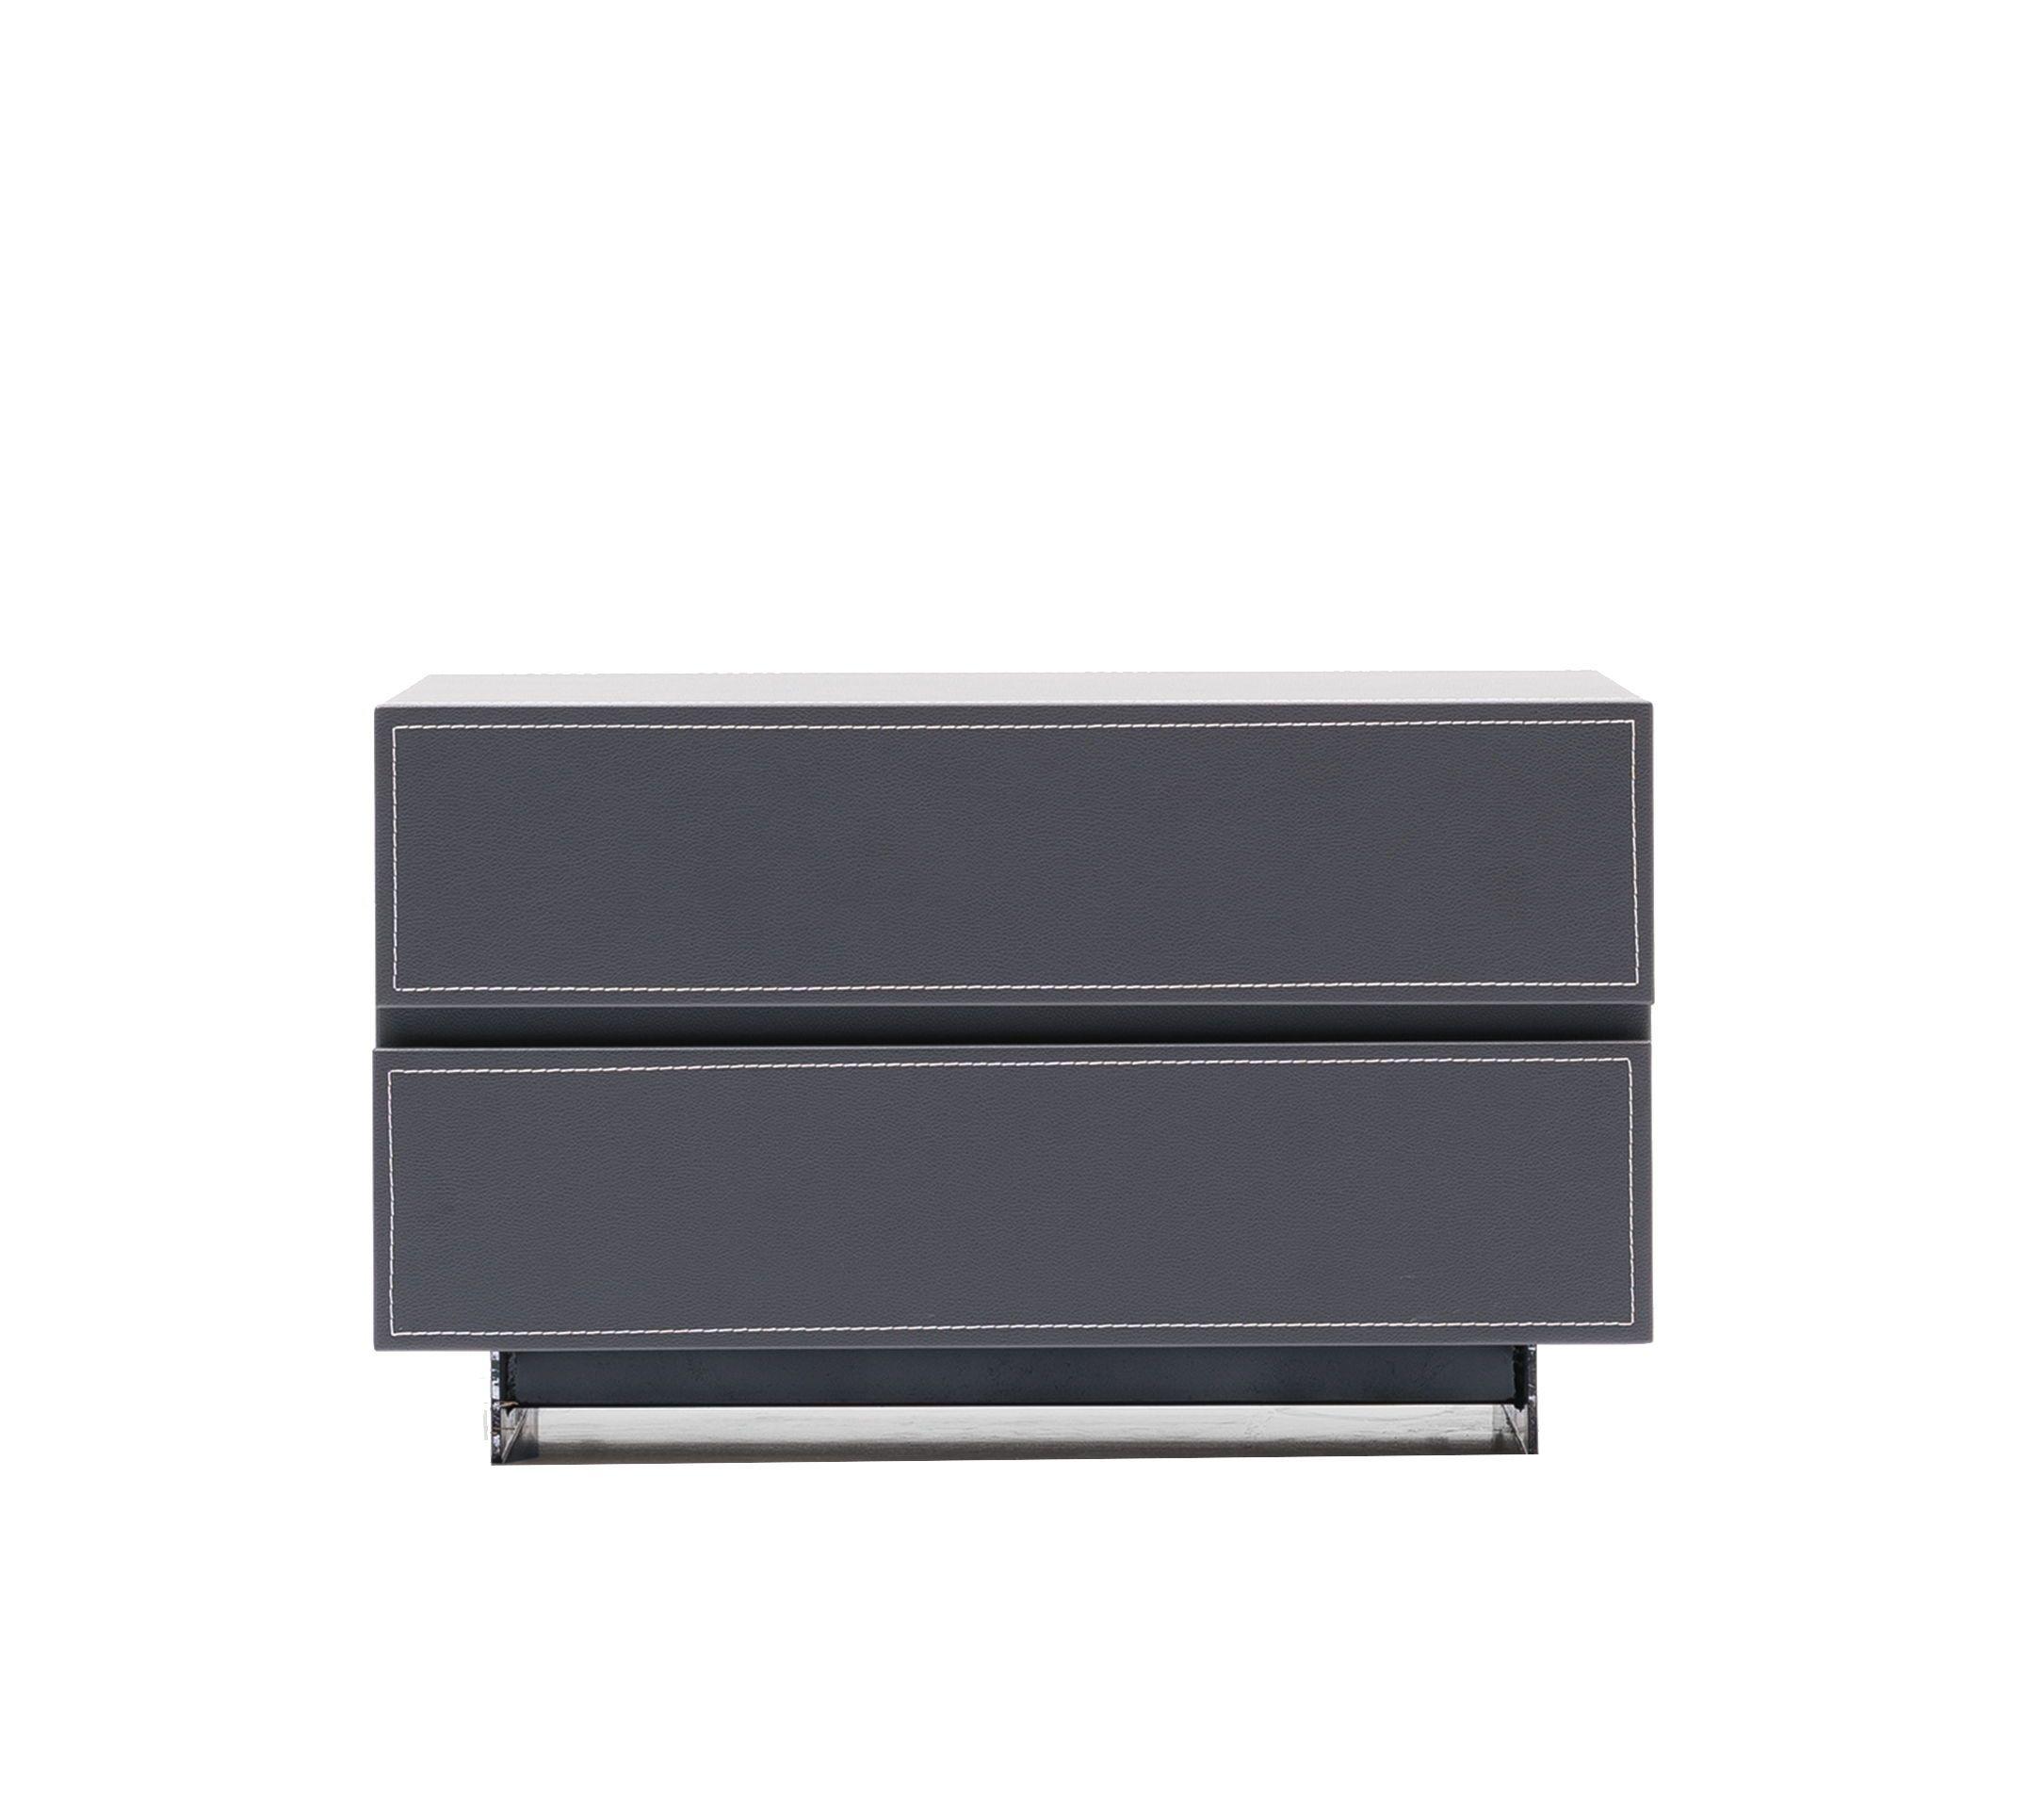 Metal Black Kitchen Cabinets: Modern Style Bedside Cabinet, Black, Regular, Metal